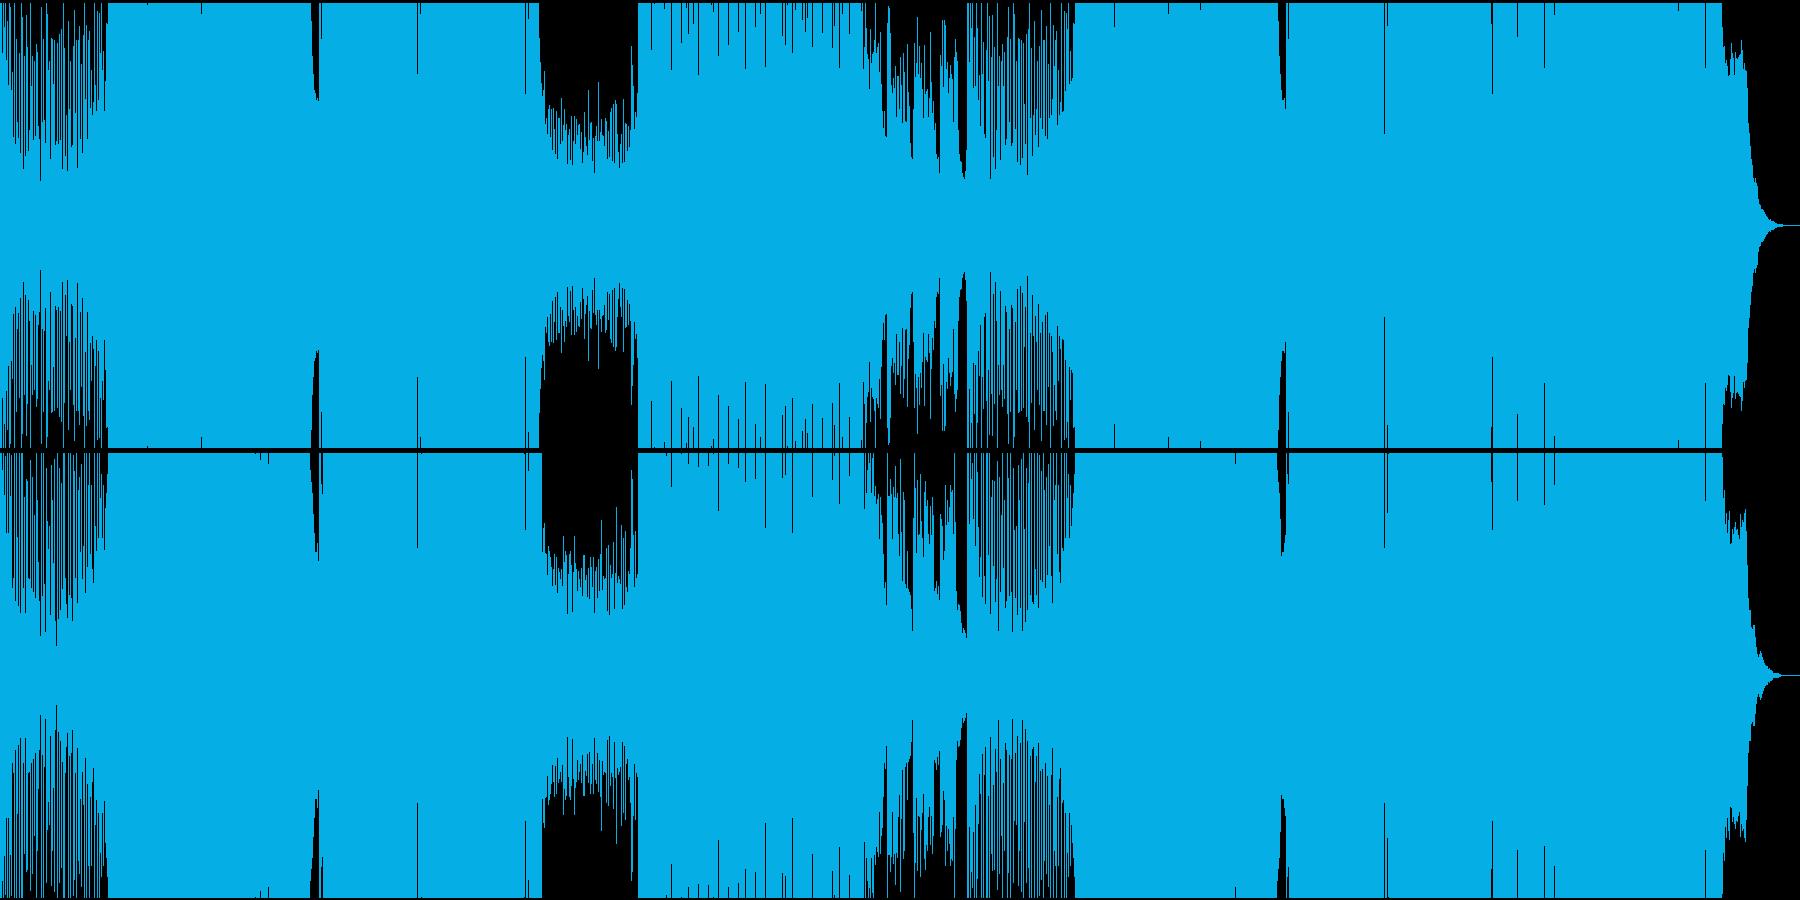 ゲーム用力強いバトル系王道EDMの再生済みの波形